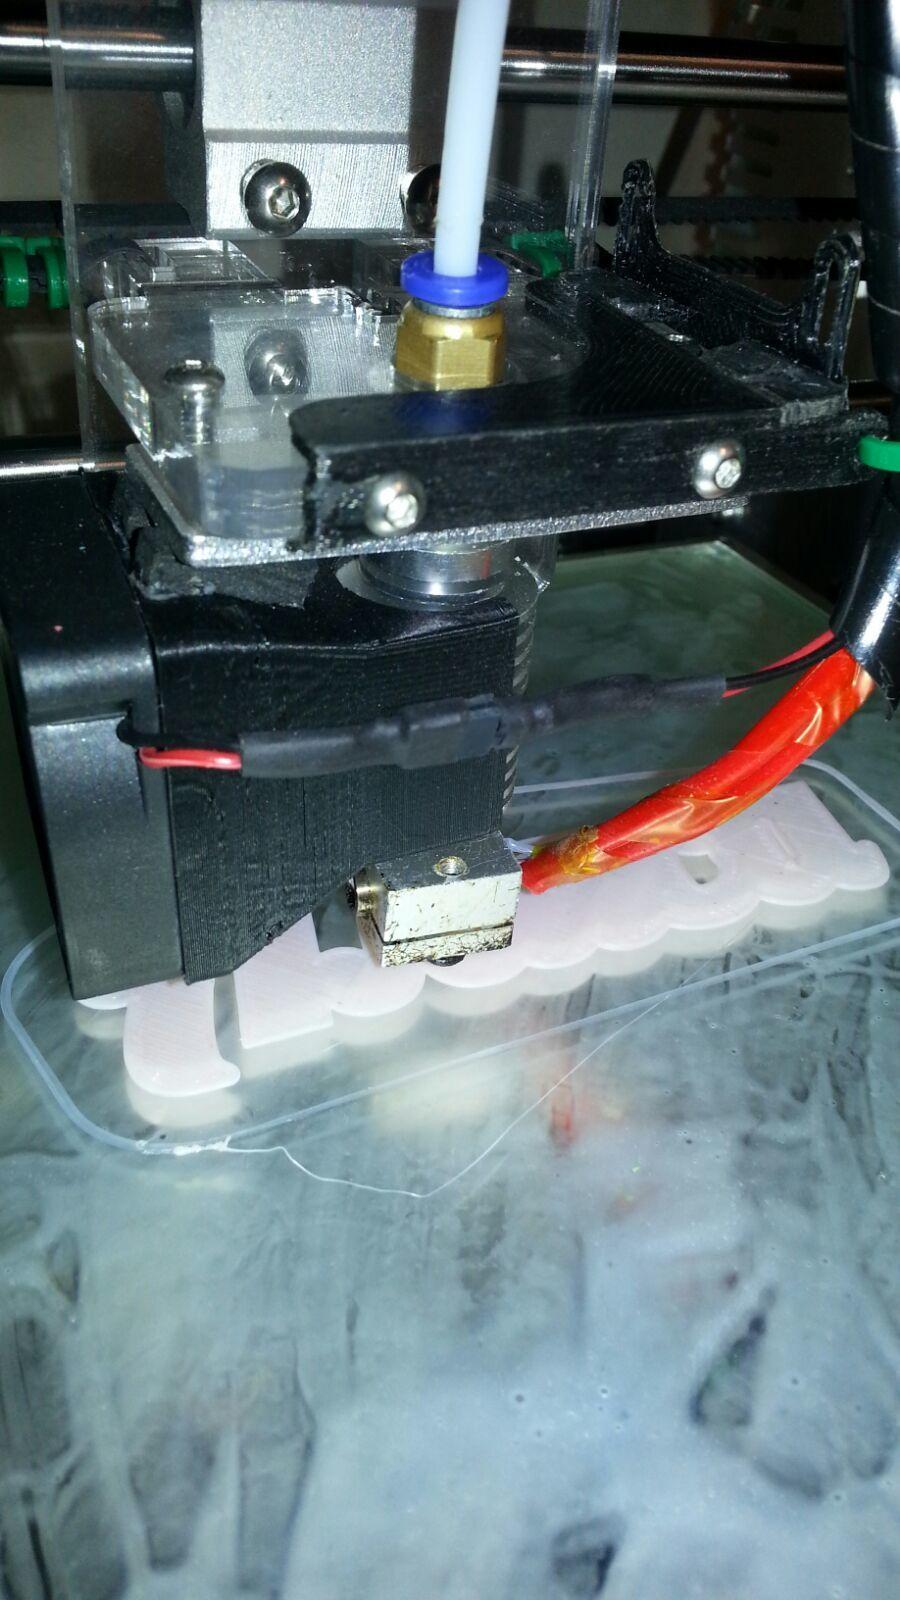 Конструктор 3D-принтера от SUNHOKEY в процессе эксплуатации (часть вторая) - 8